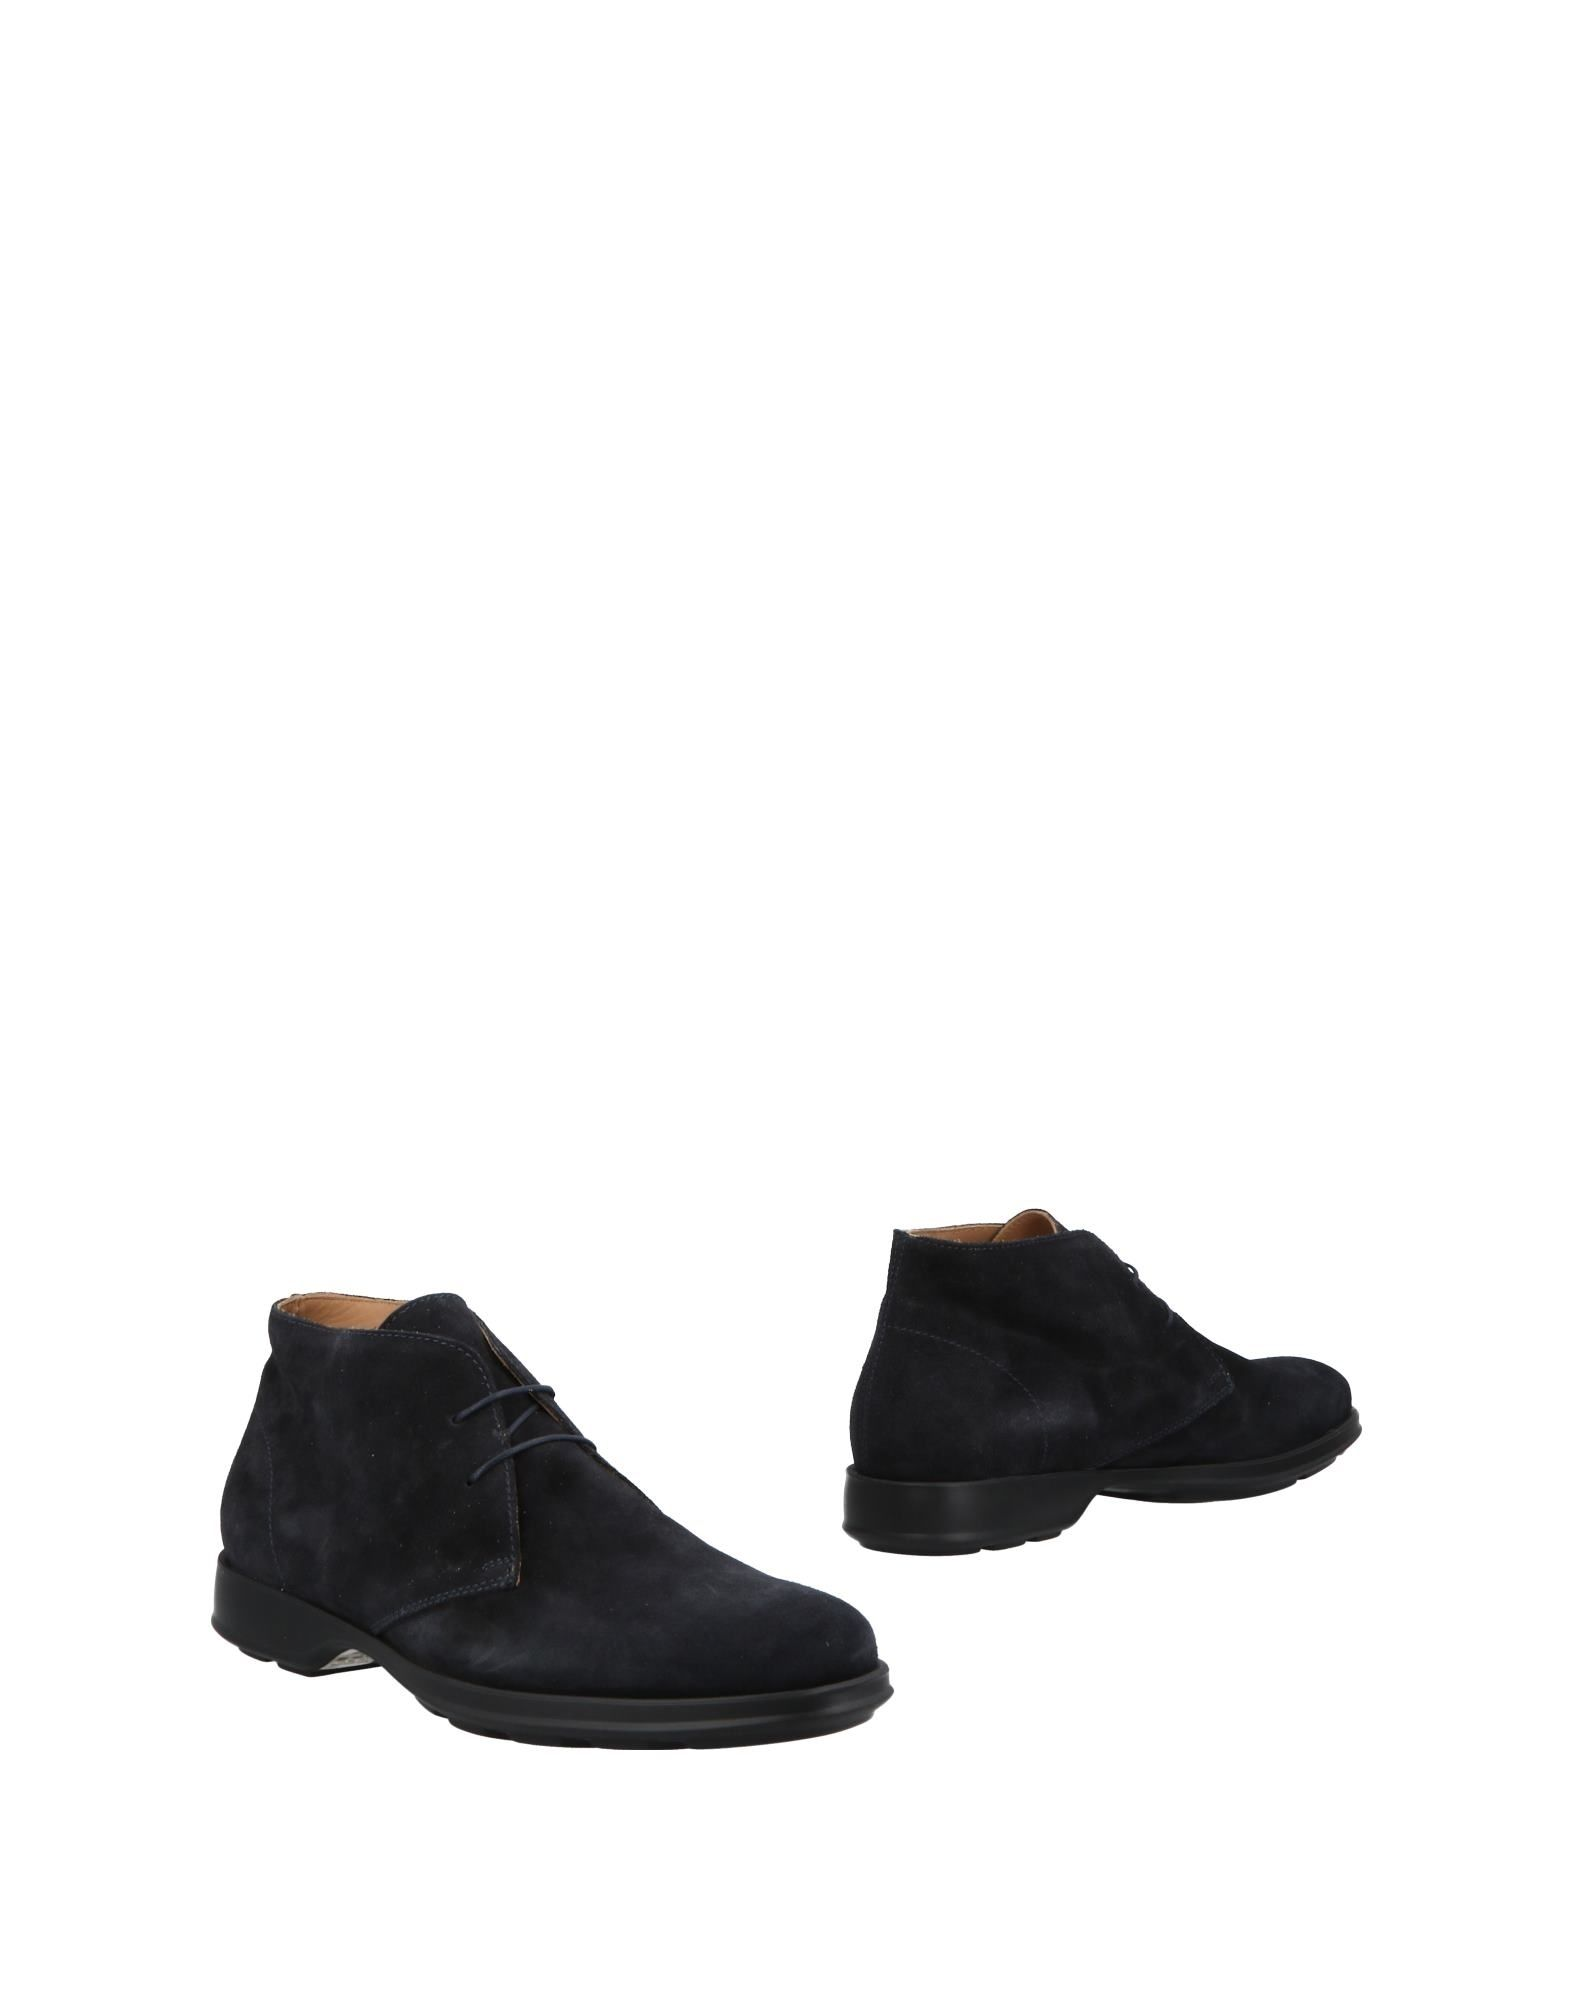 Cantarelli Stiefelette Herren  11507906DO Gute Qualität beliebte Schuhe